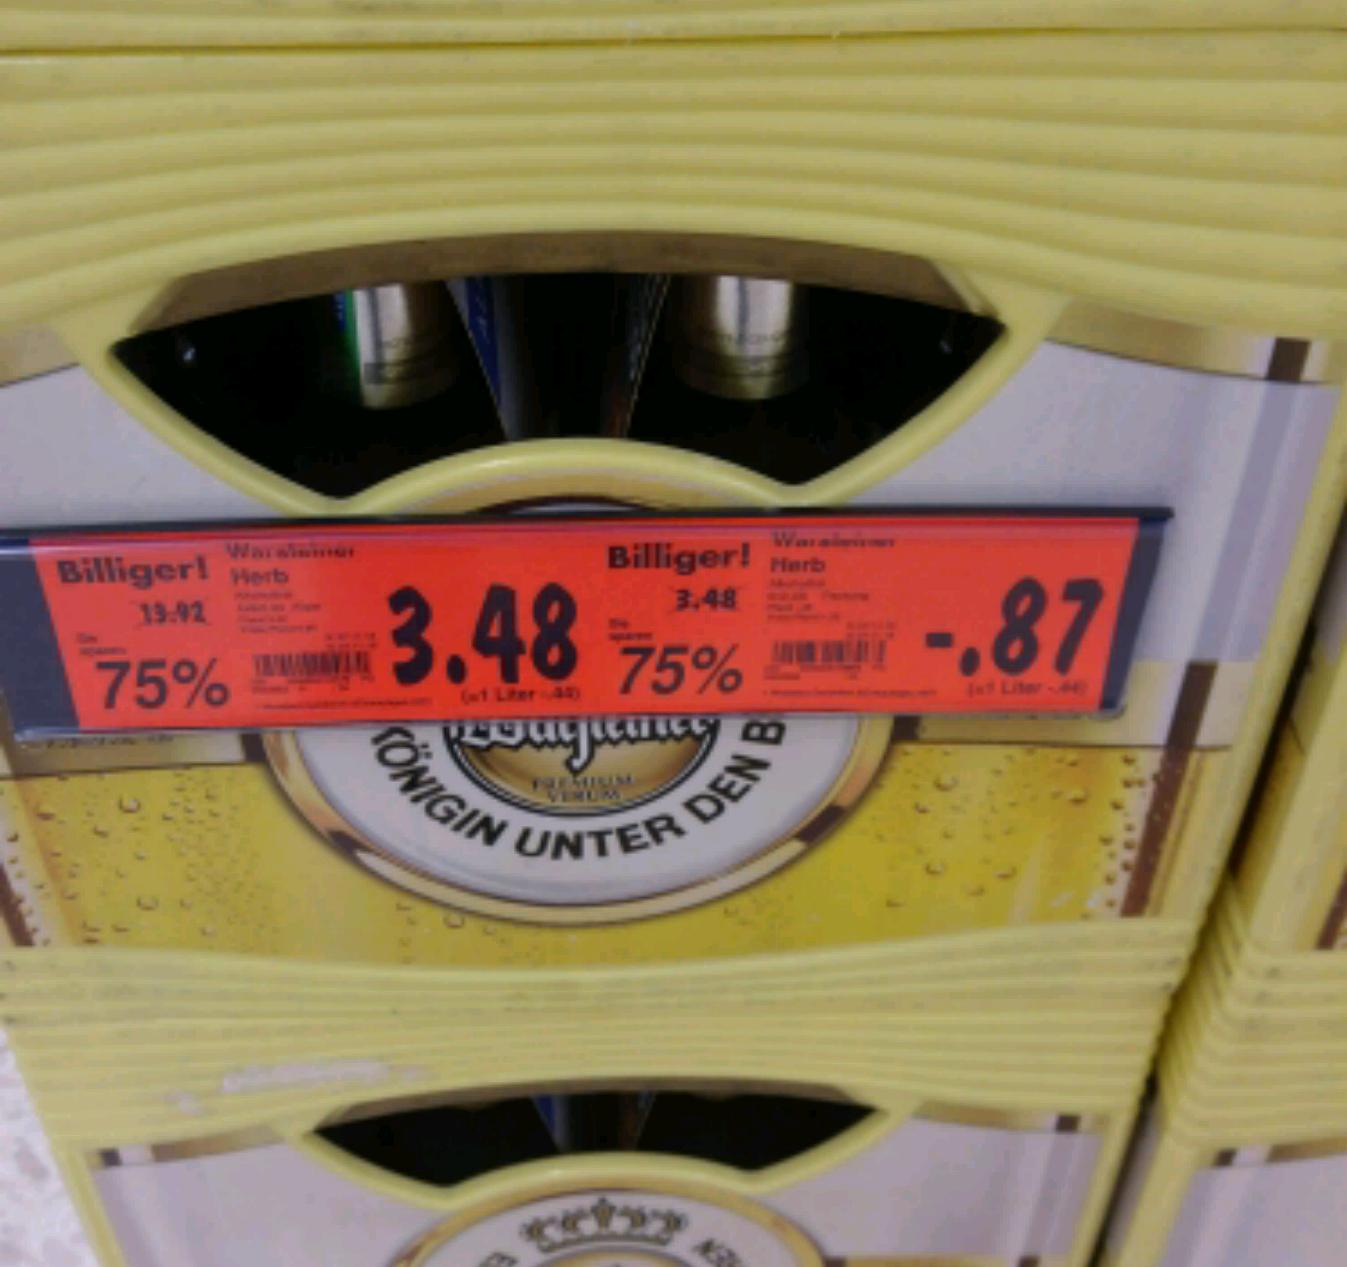 [Kaufland Oberhausen Bero] Warsteiner Herb Alkoholfrei 24er Kasten 3,48€